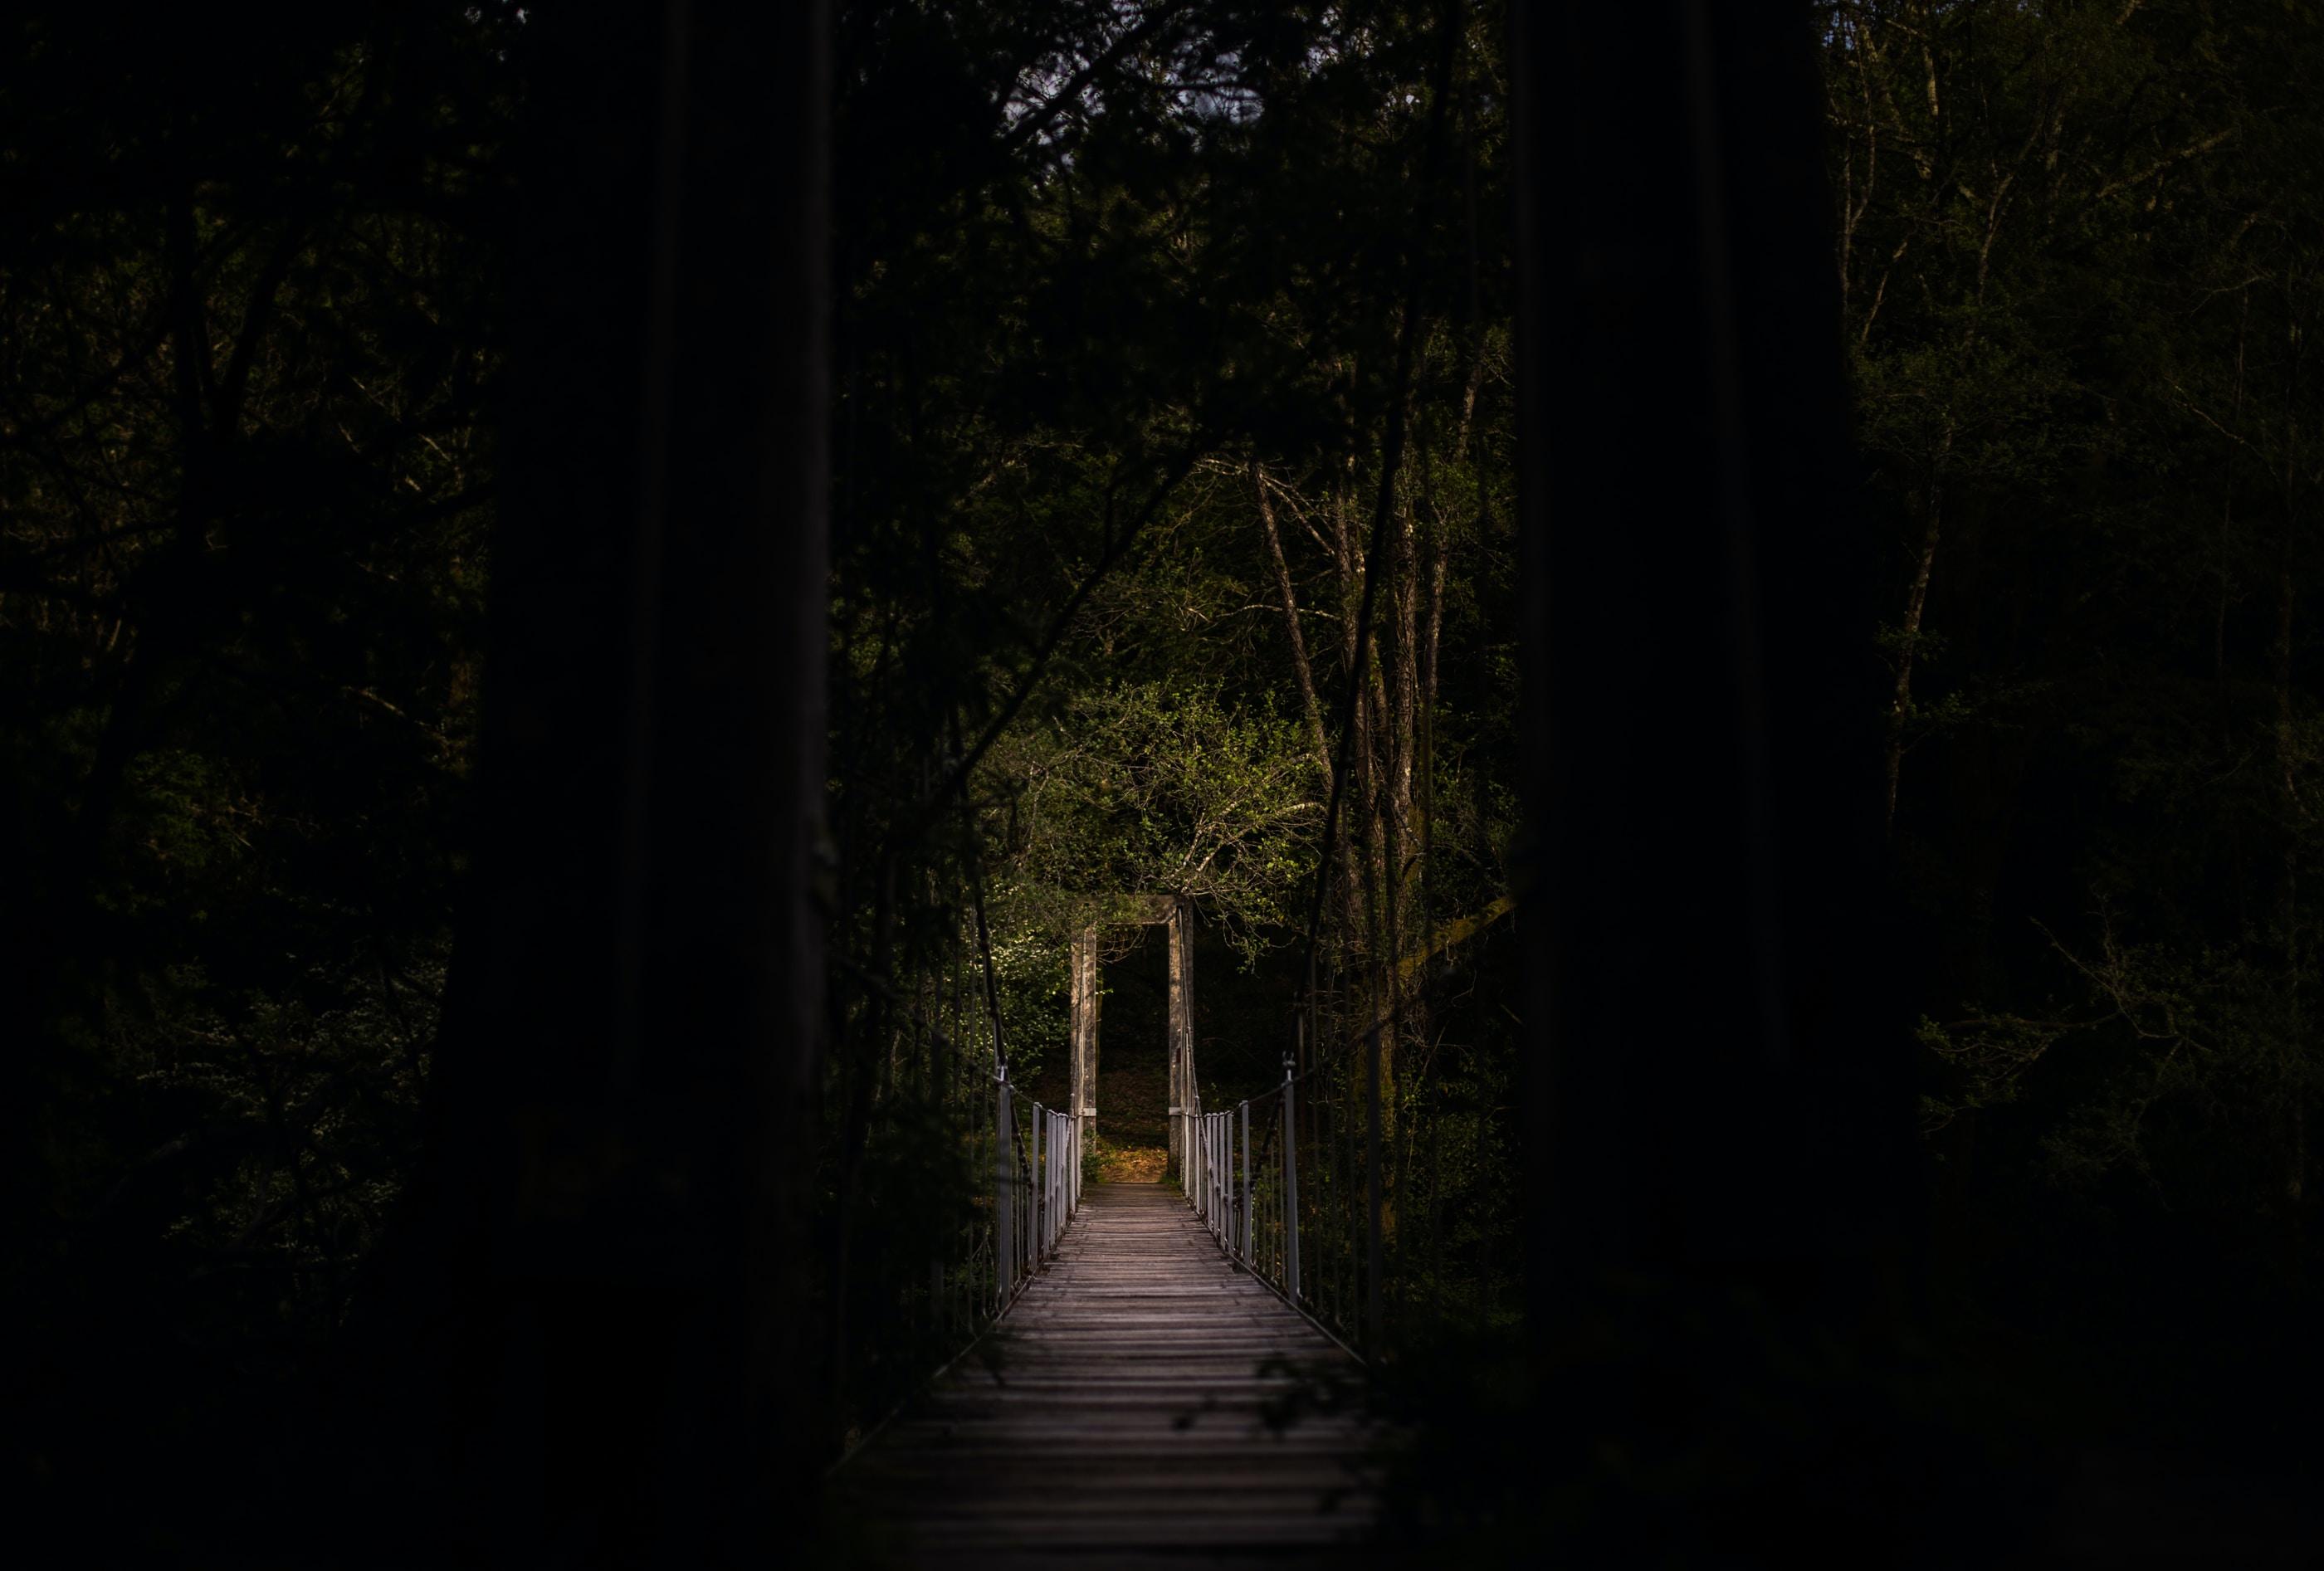 A wooden suspension bridge in a dark forest